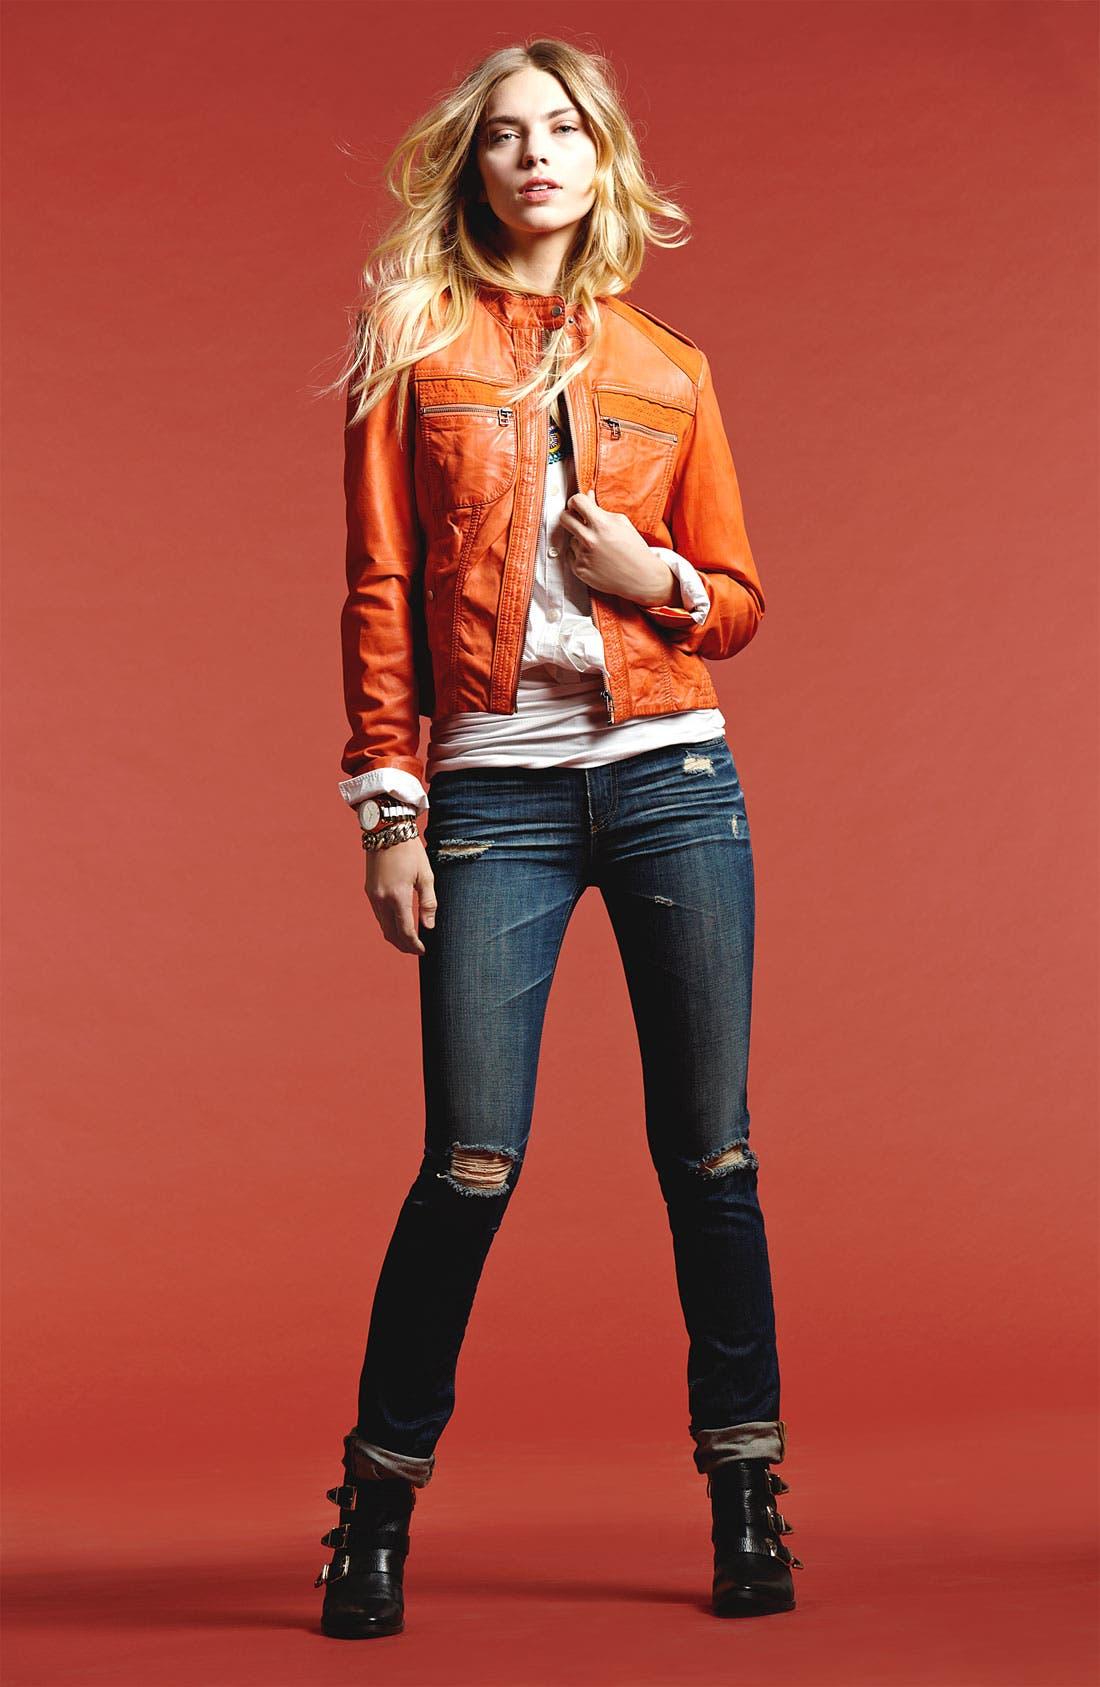 Main Image - Bernardo Jacket, Caslon® Shirt, Stem Tank & AG Jeans